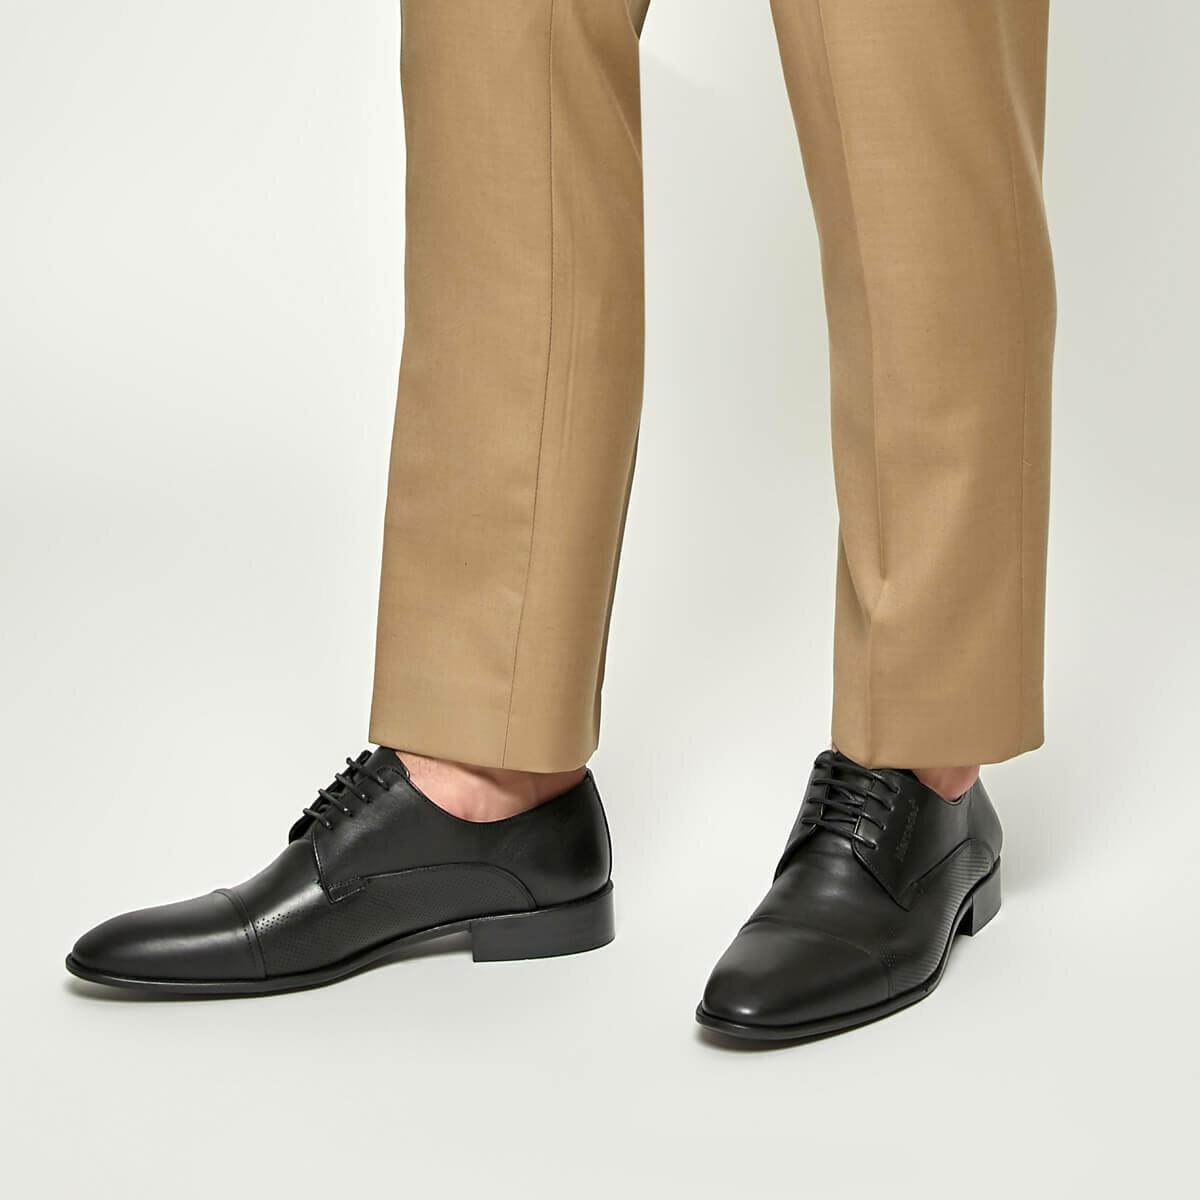 FLO SOLOMON Black Male Shoes MERCEDES